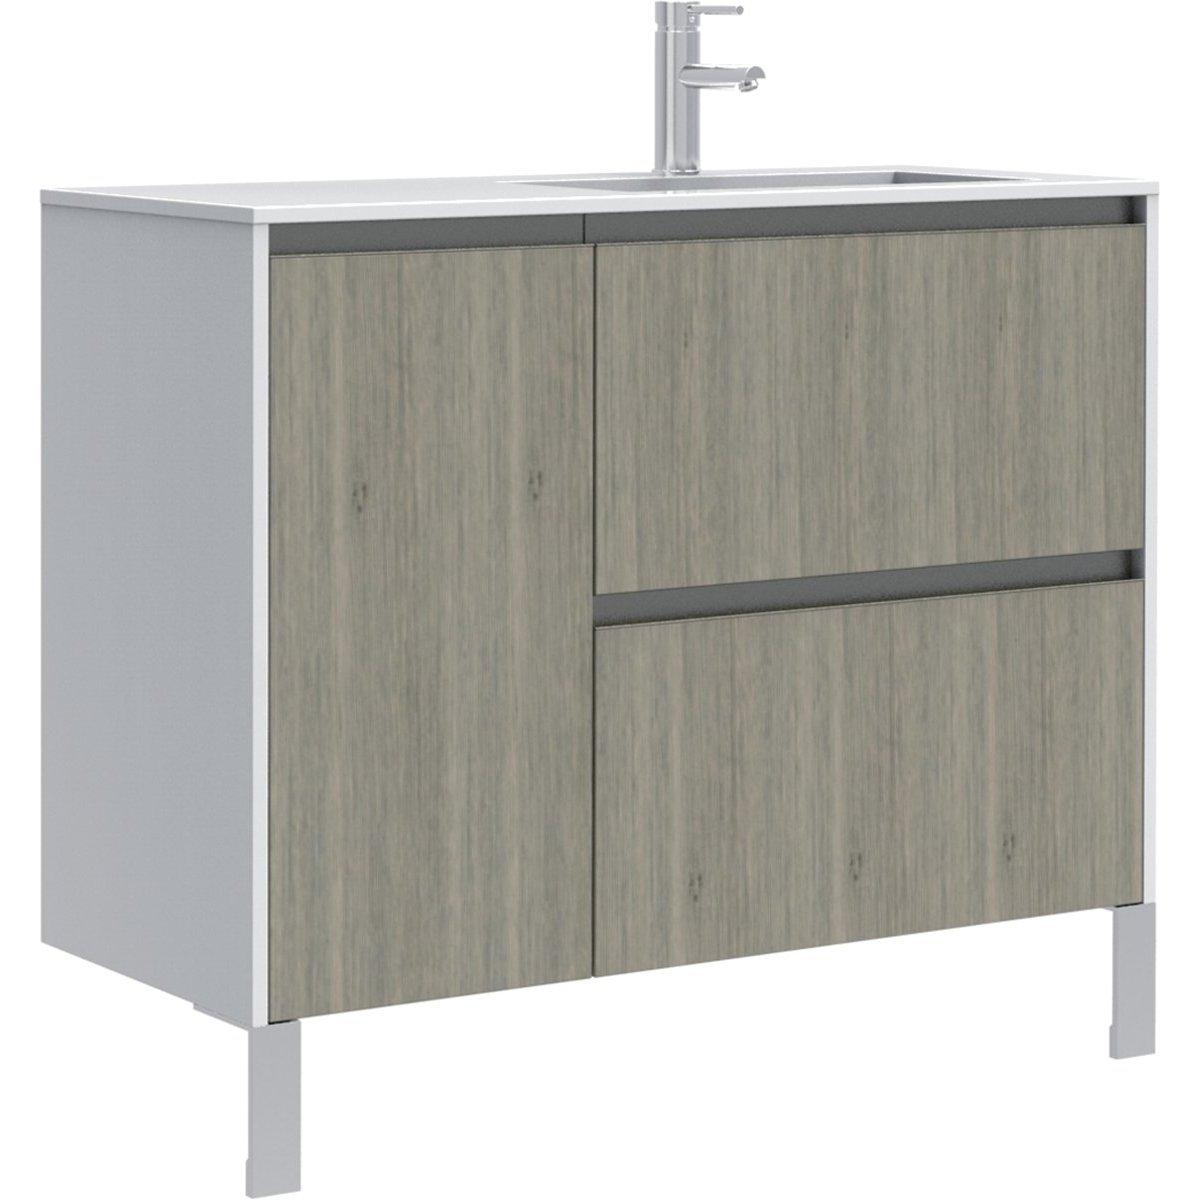 Meuble sous vasque plenitude 105cm 2 tiroirs 1 porte for Meuble sous vasque 2 tiroirs